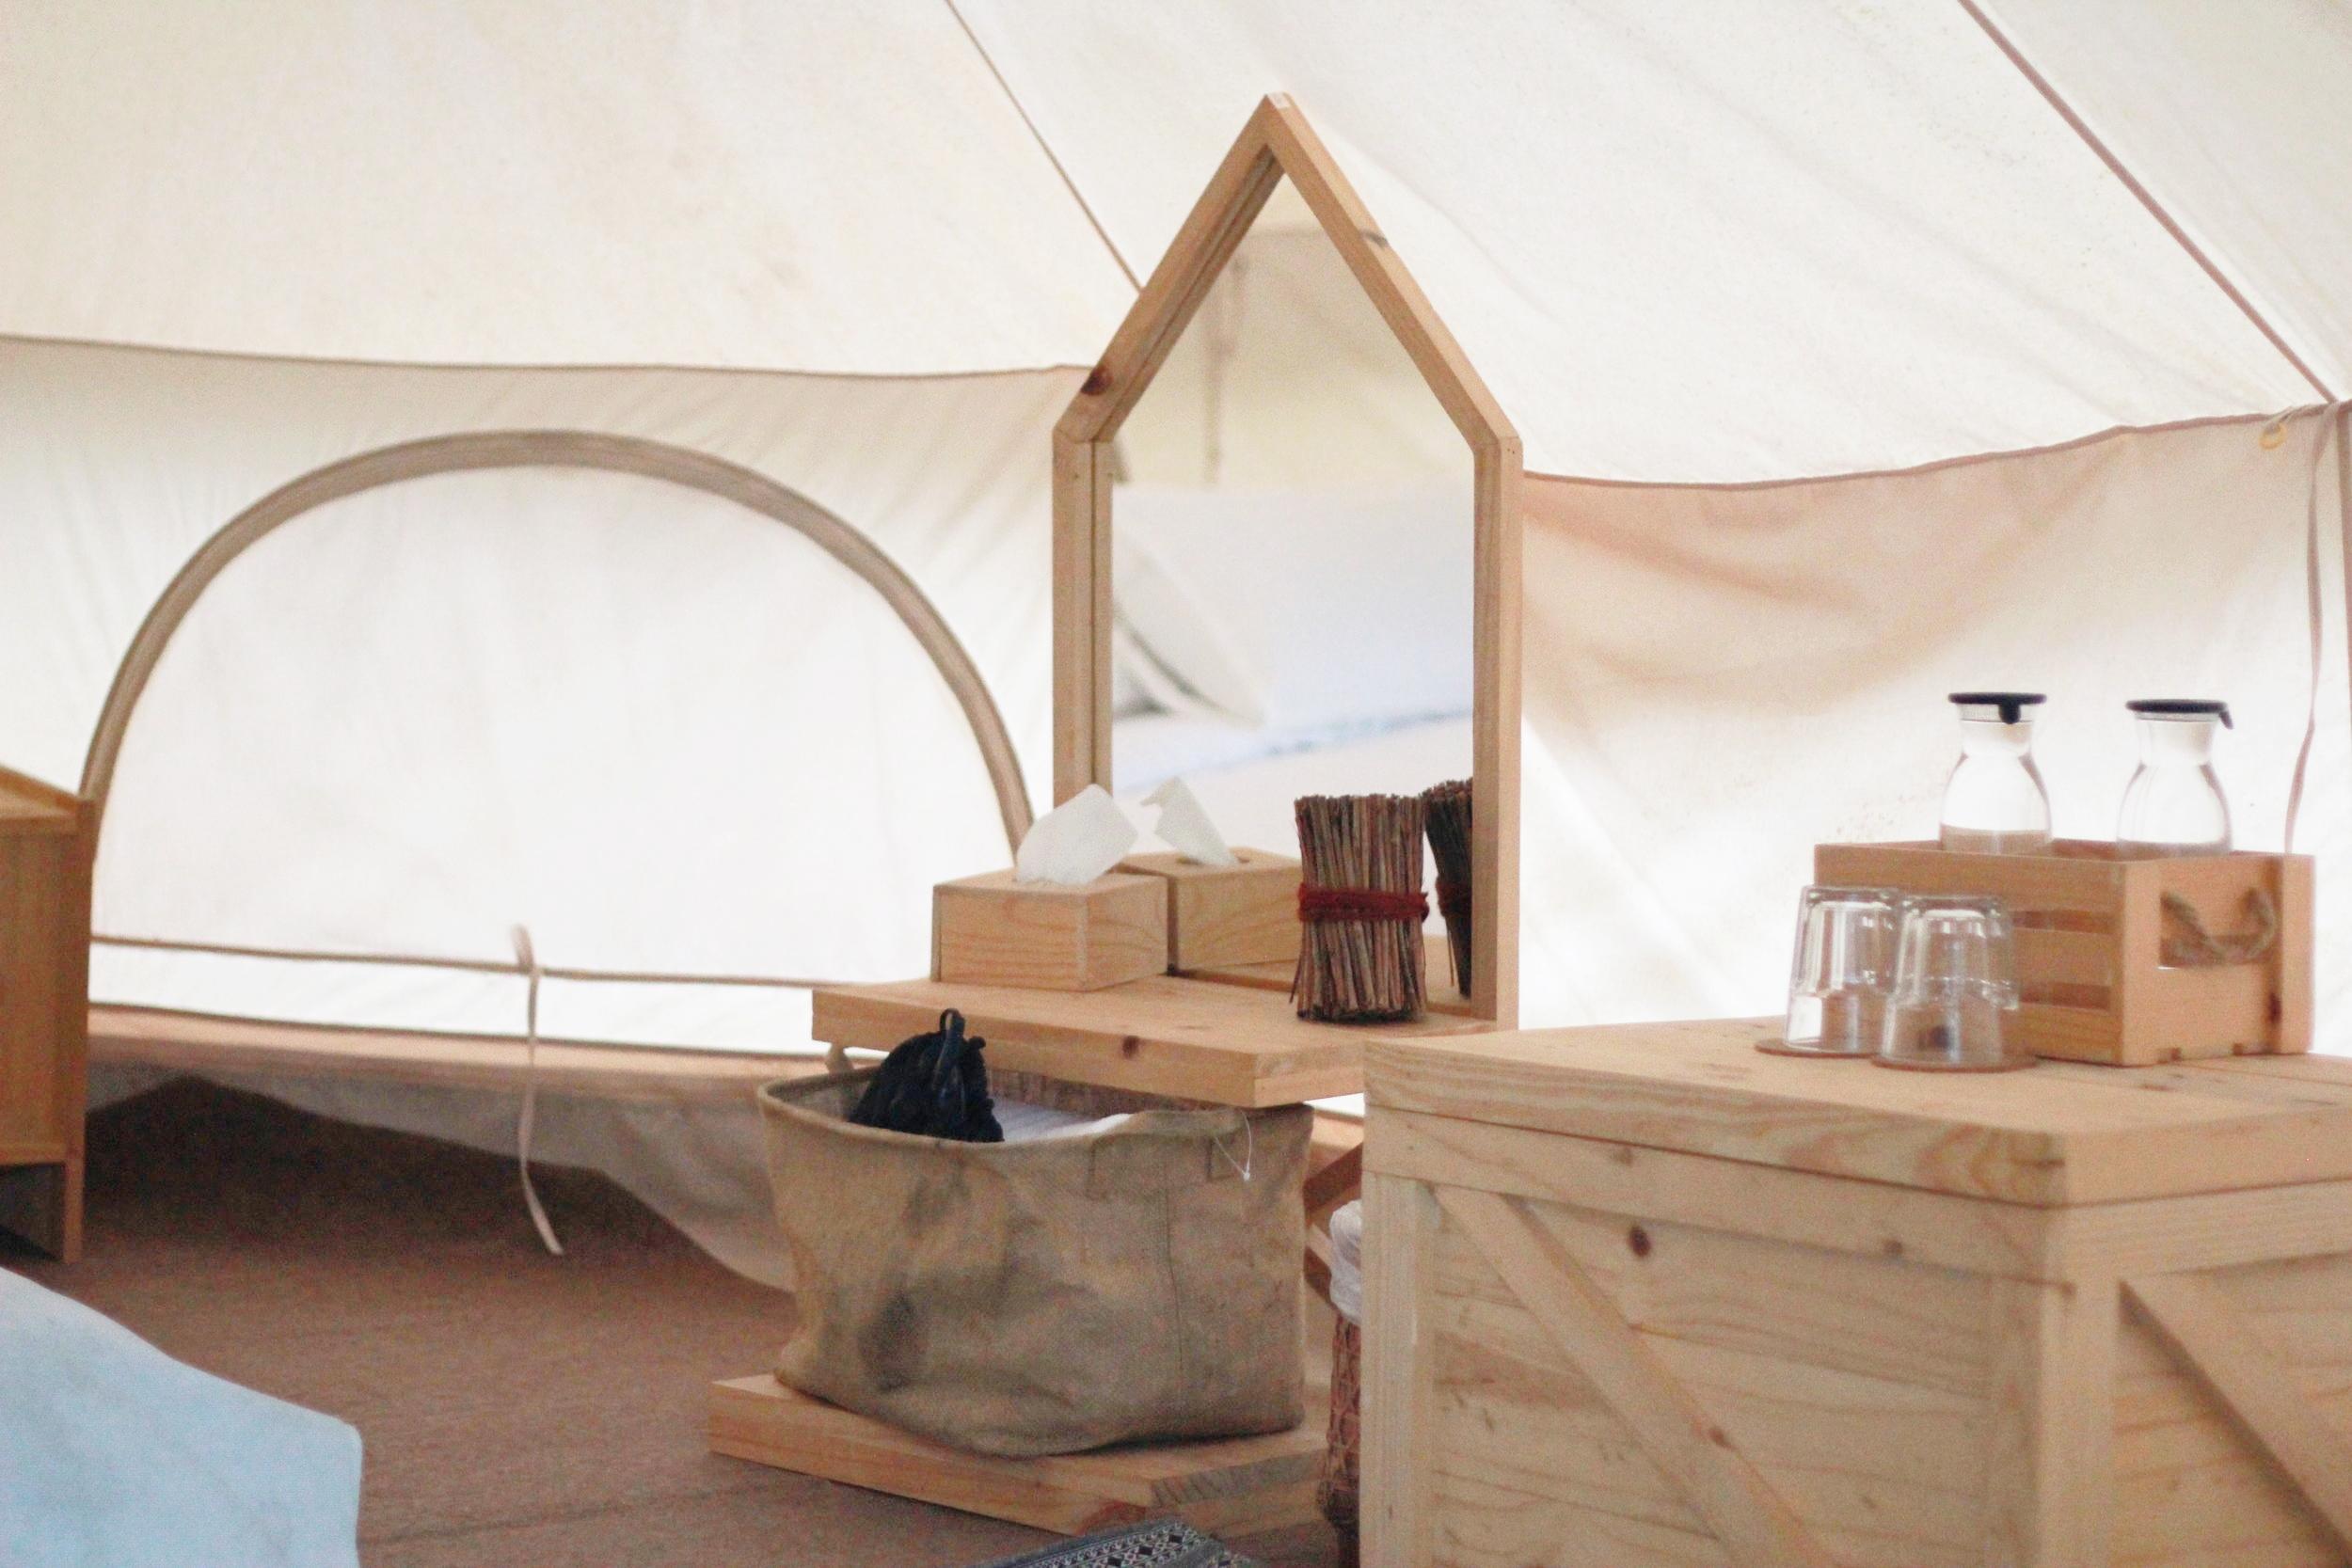 鏡子、風筒,營地主人還貼心地準備了飲用水。